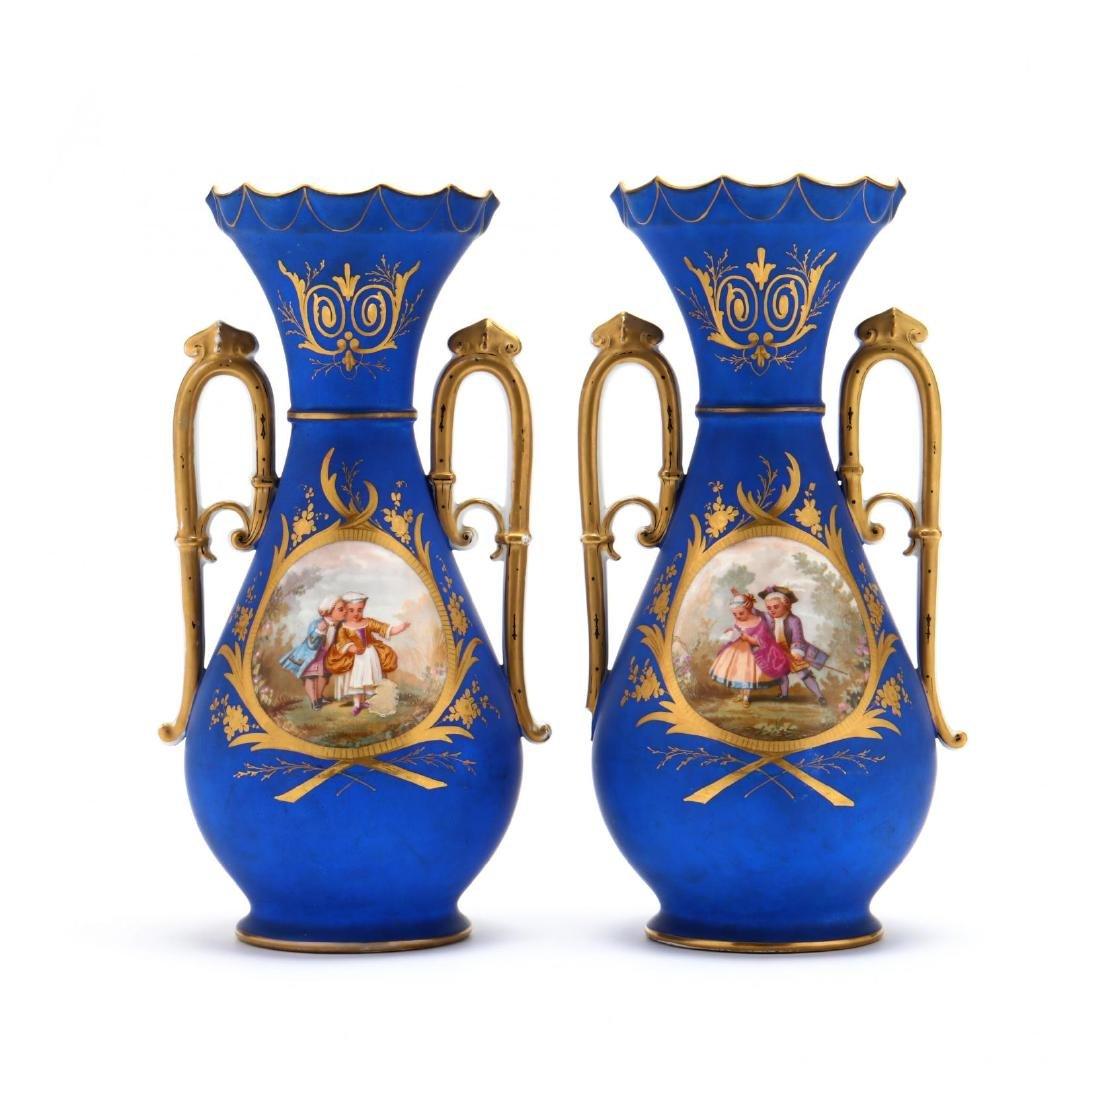 Pair of Paris Porcelain Matte Blue Mantel Urns